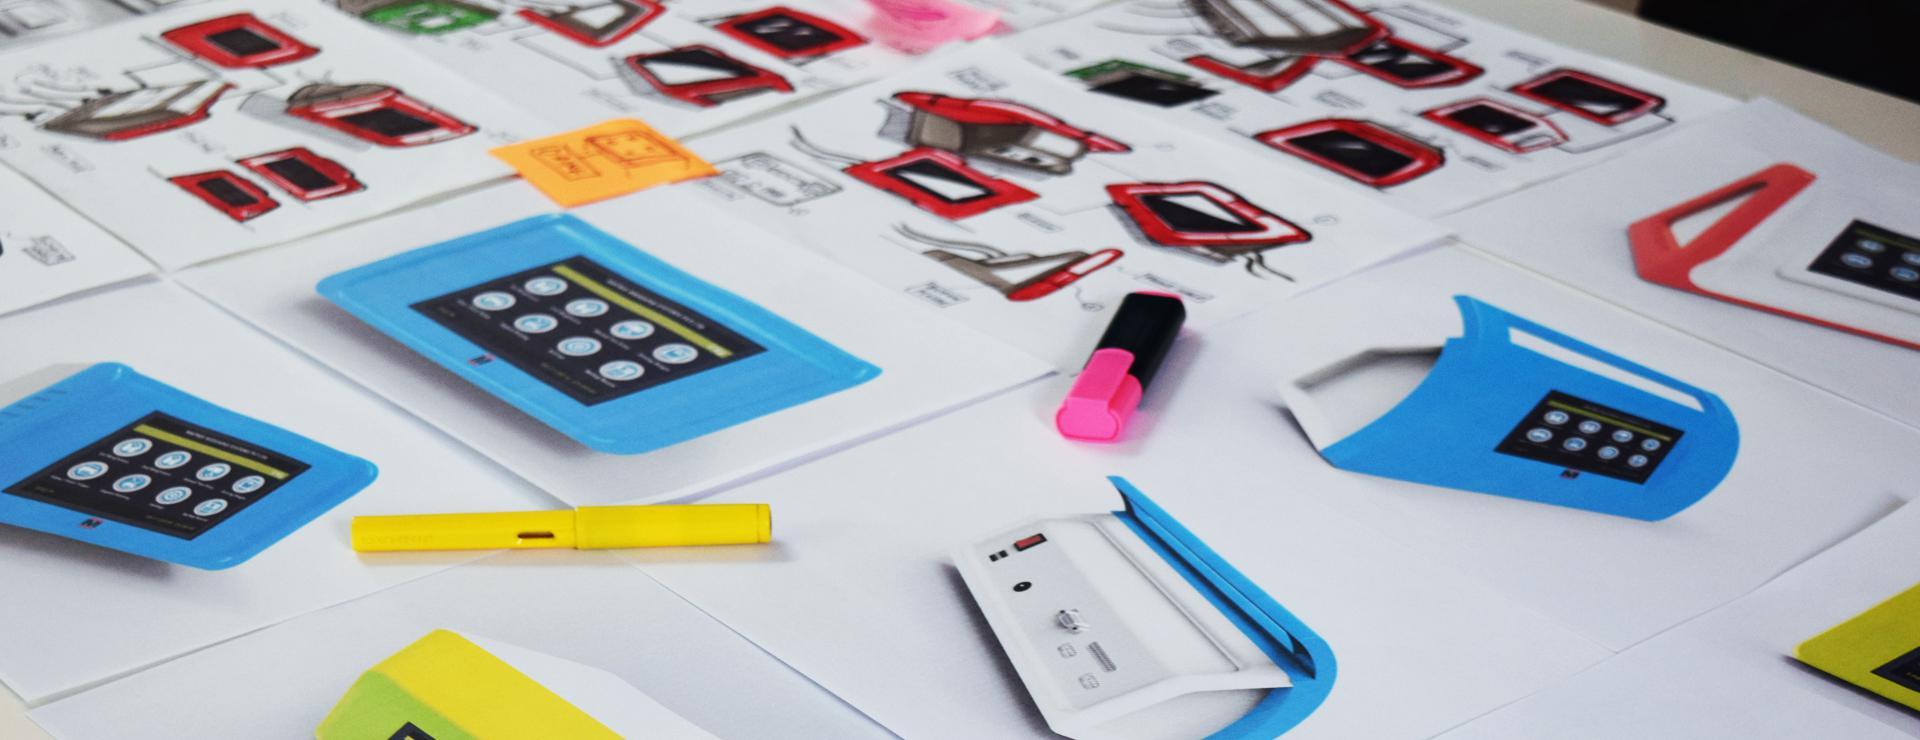 UDLAB product design